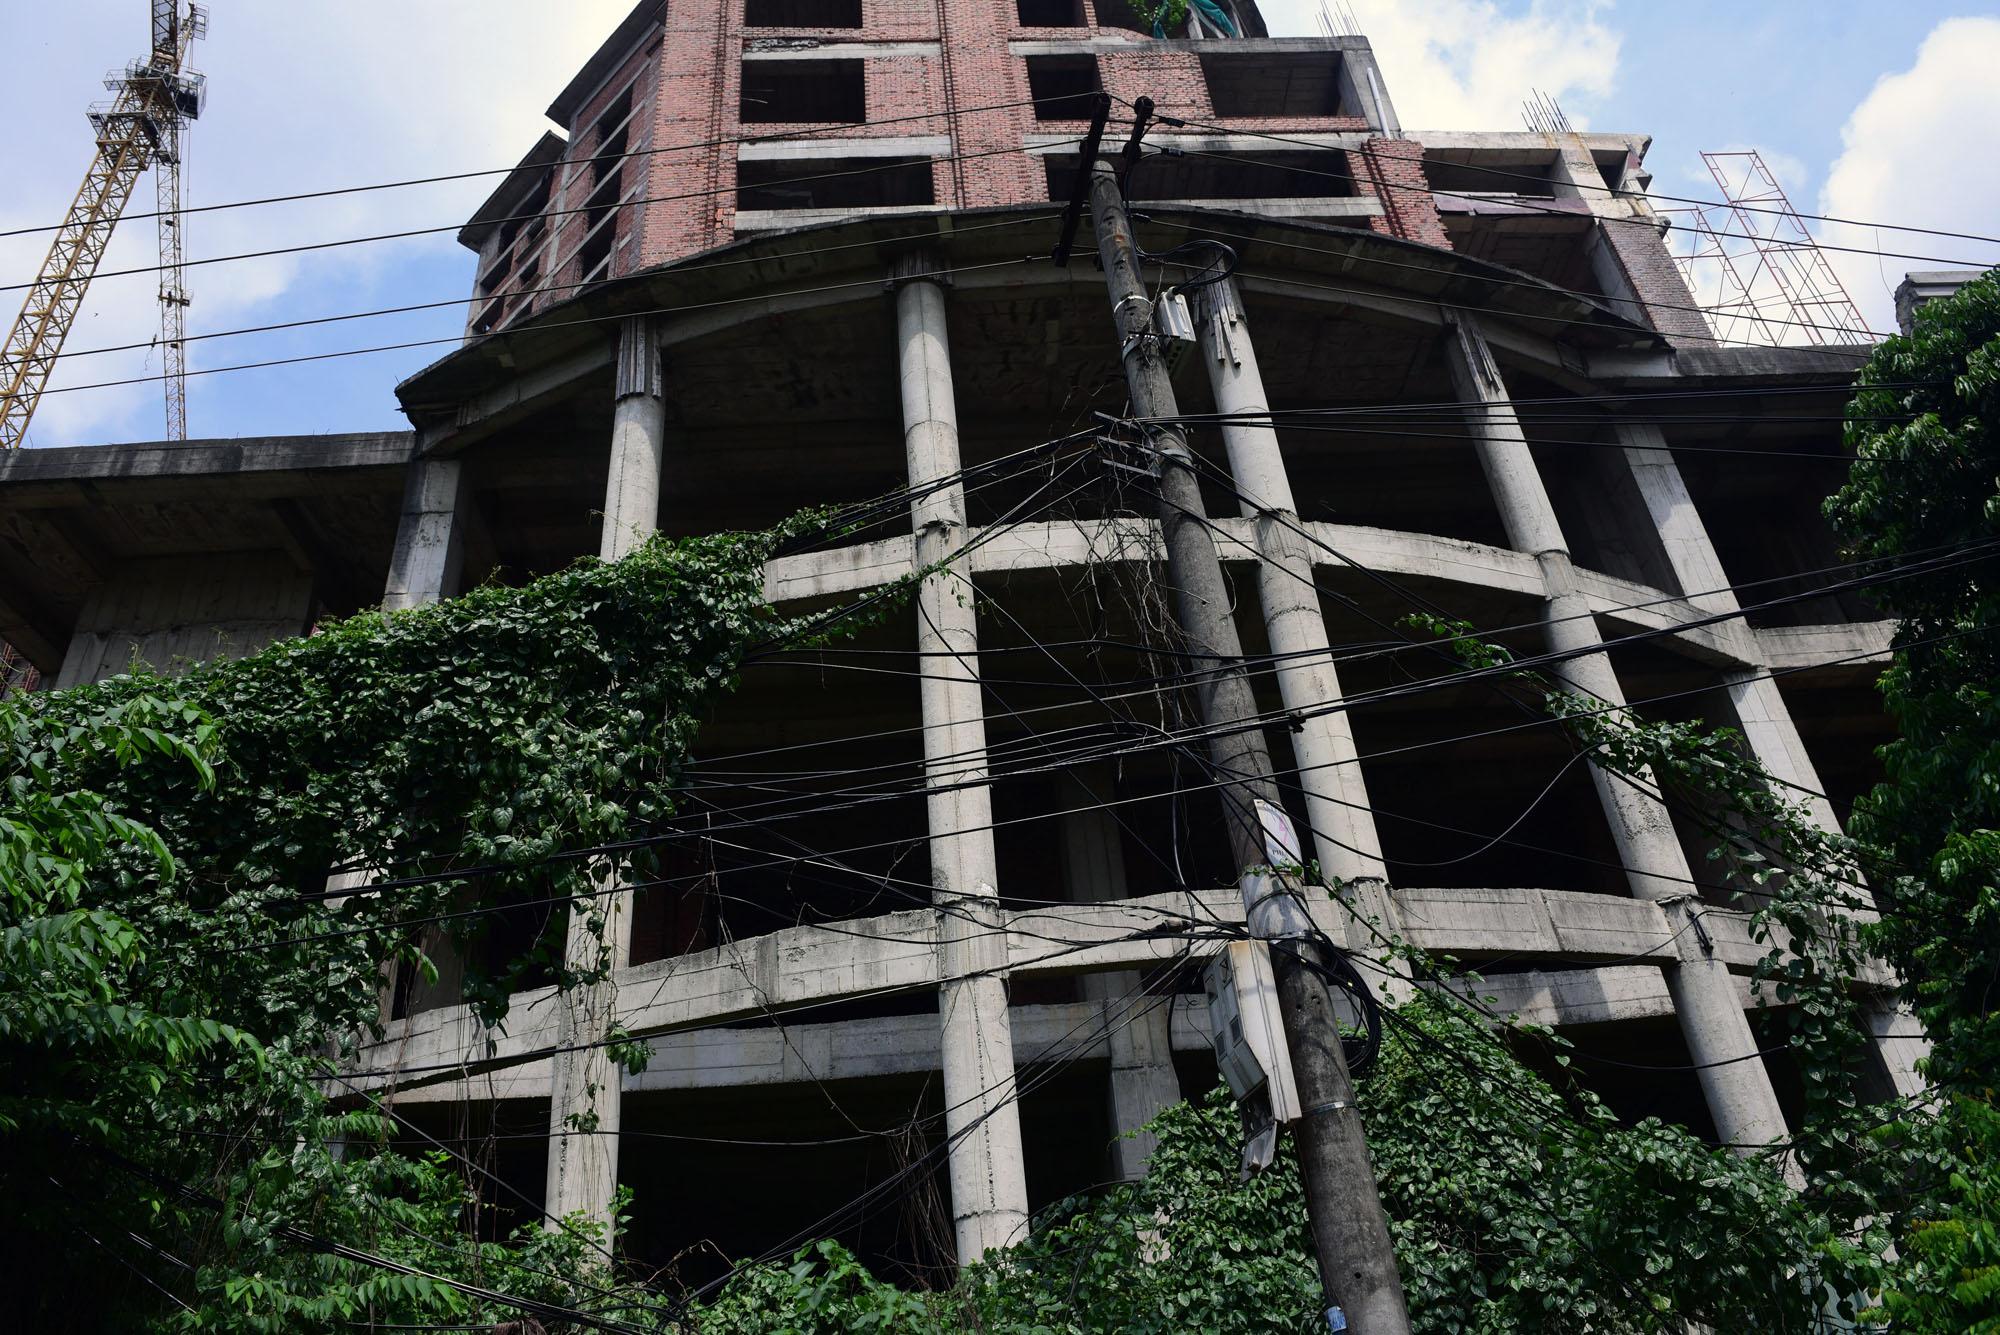 Dự án TTTM Hongkong London trên 'đất vàng' Từ Sơn, Bắc Ninh bỏ hoang nhiều năm - Ảnh 10.